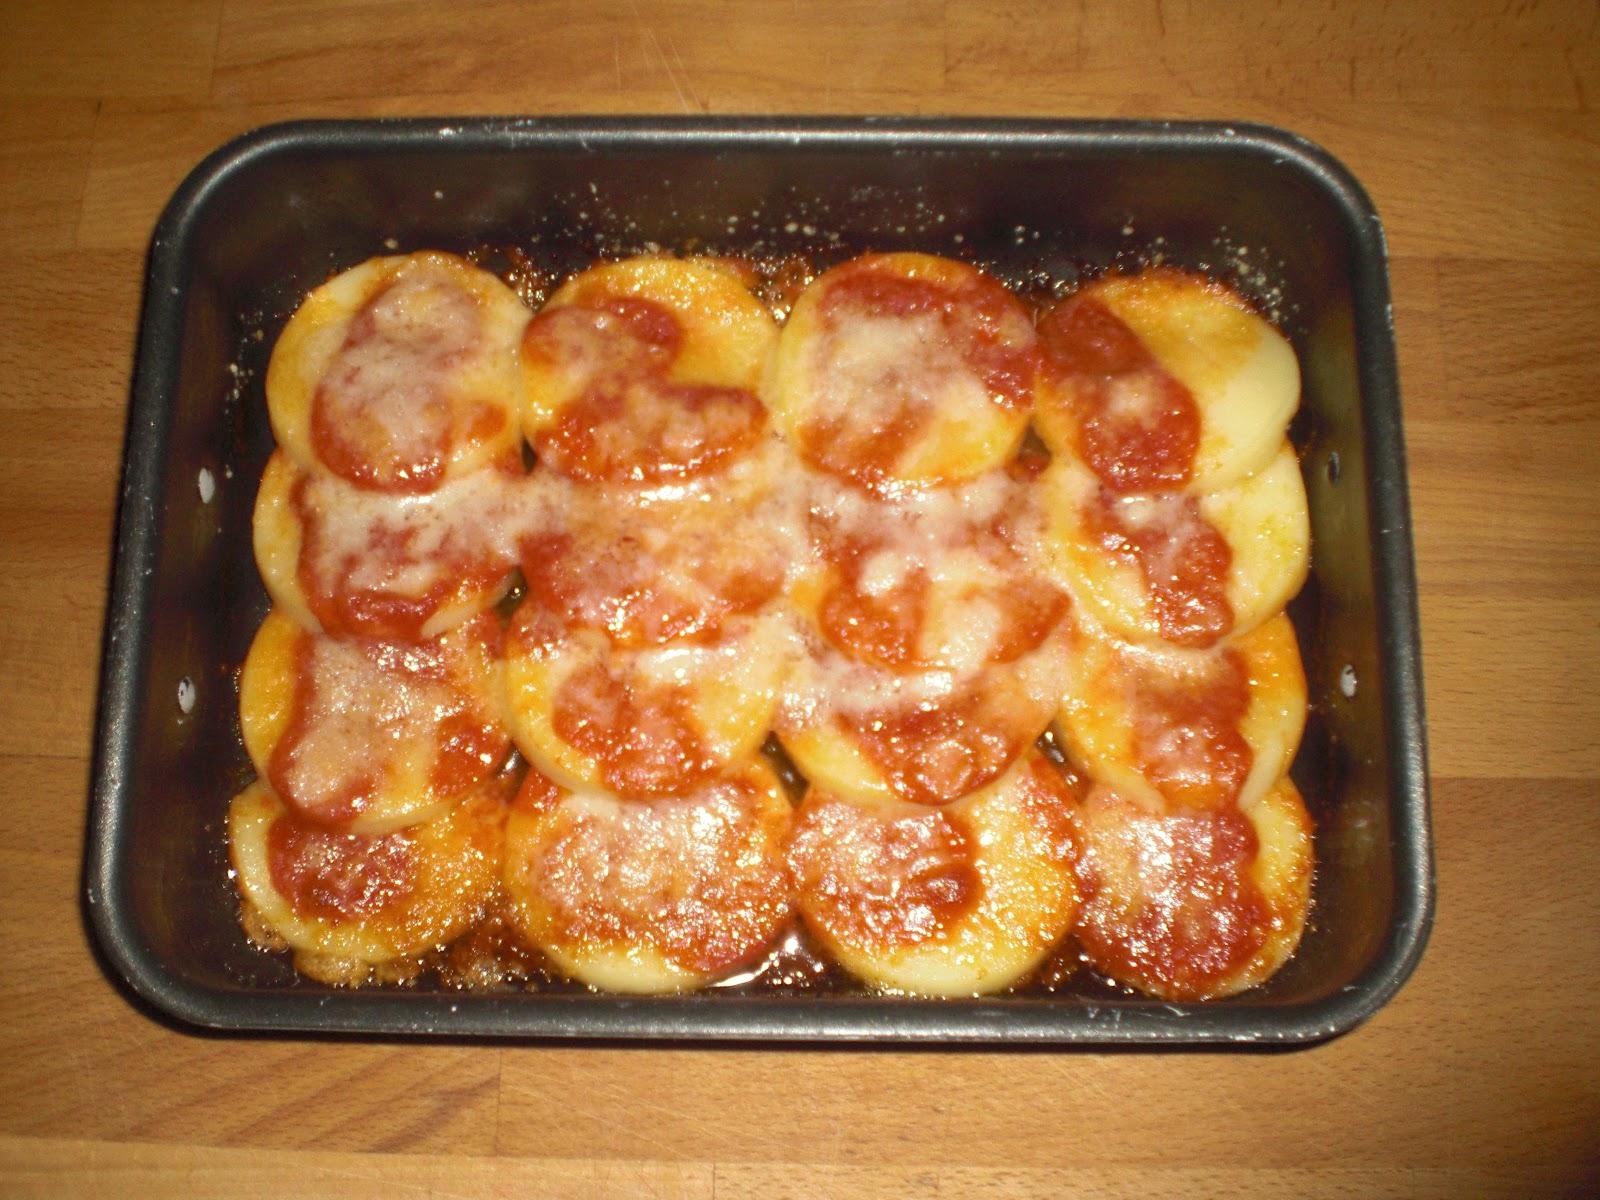 ... easy pasta pasta alla marlboro man pasta alla marlboro man pasta alla